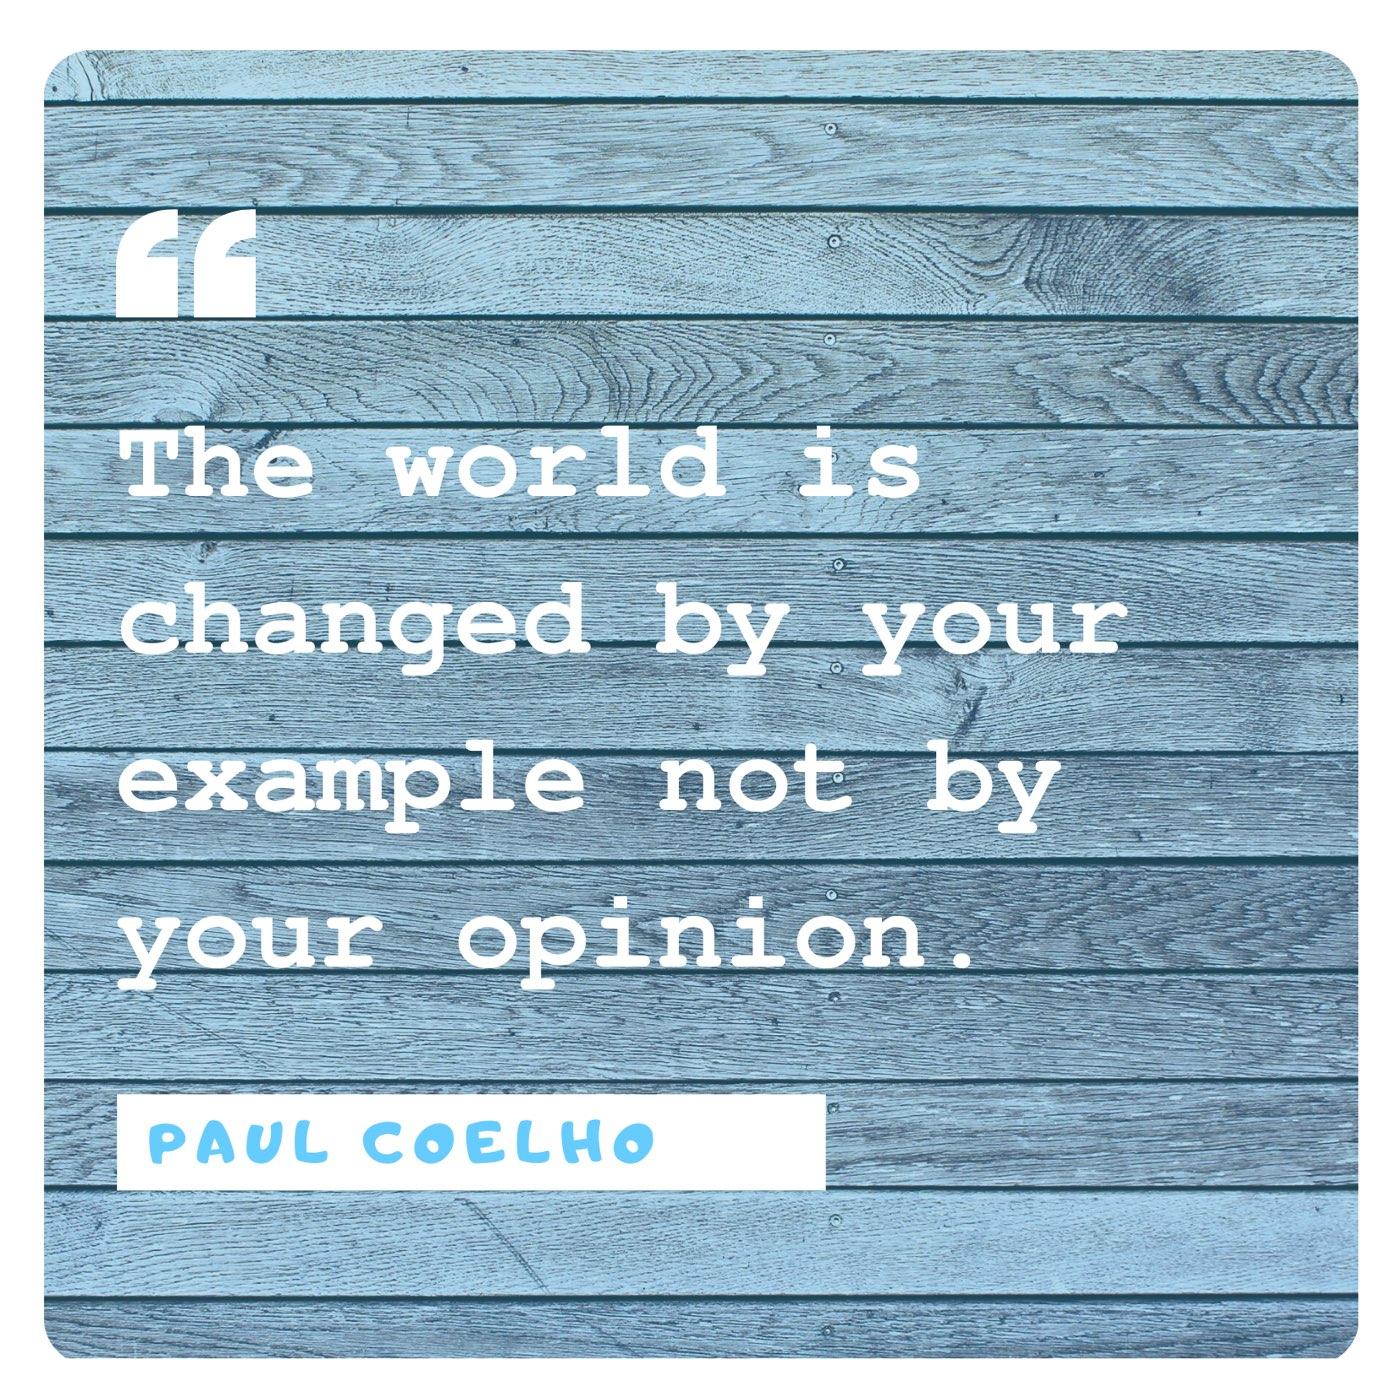 Paul Coelho: Example